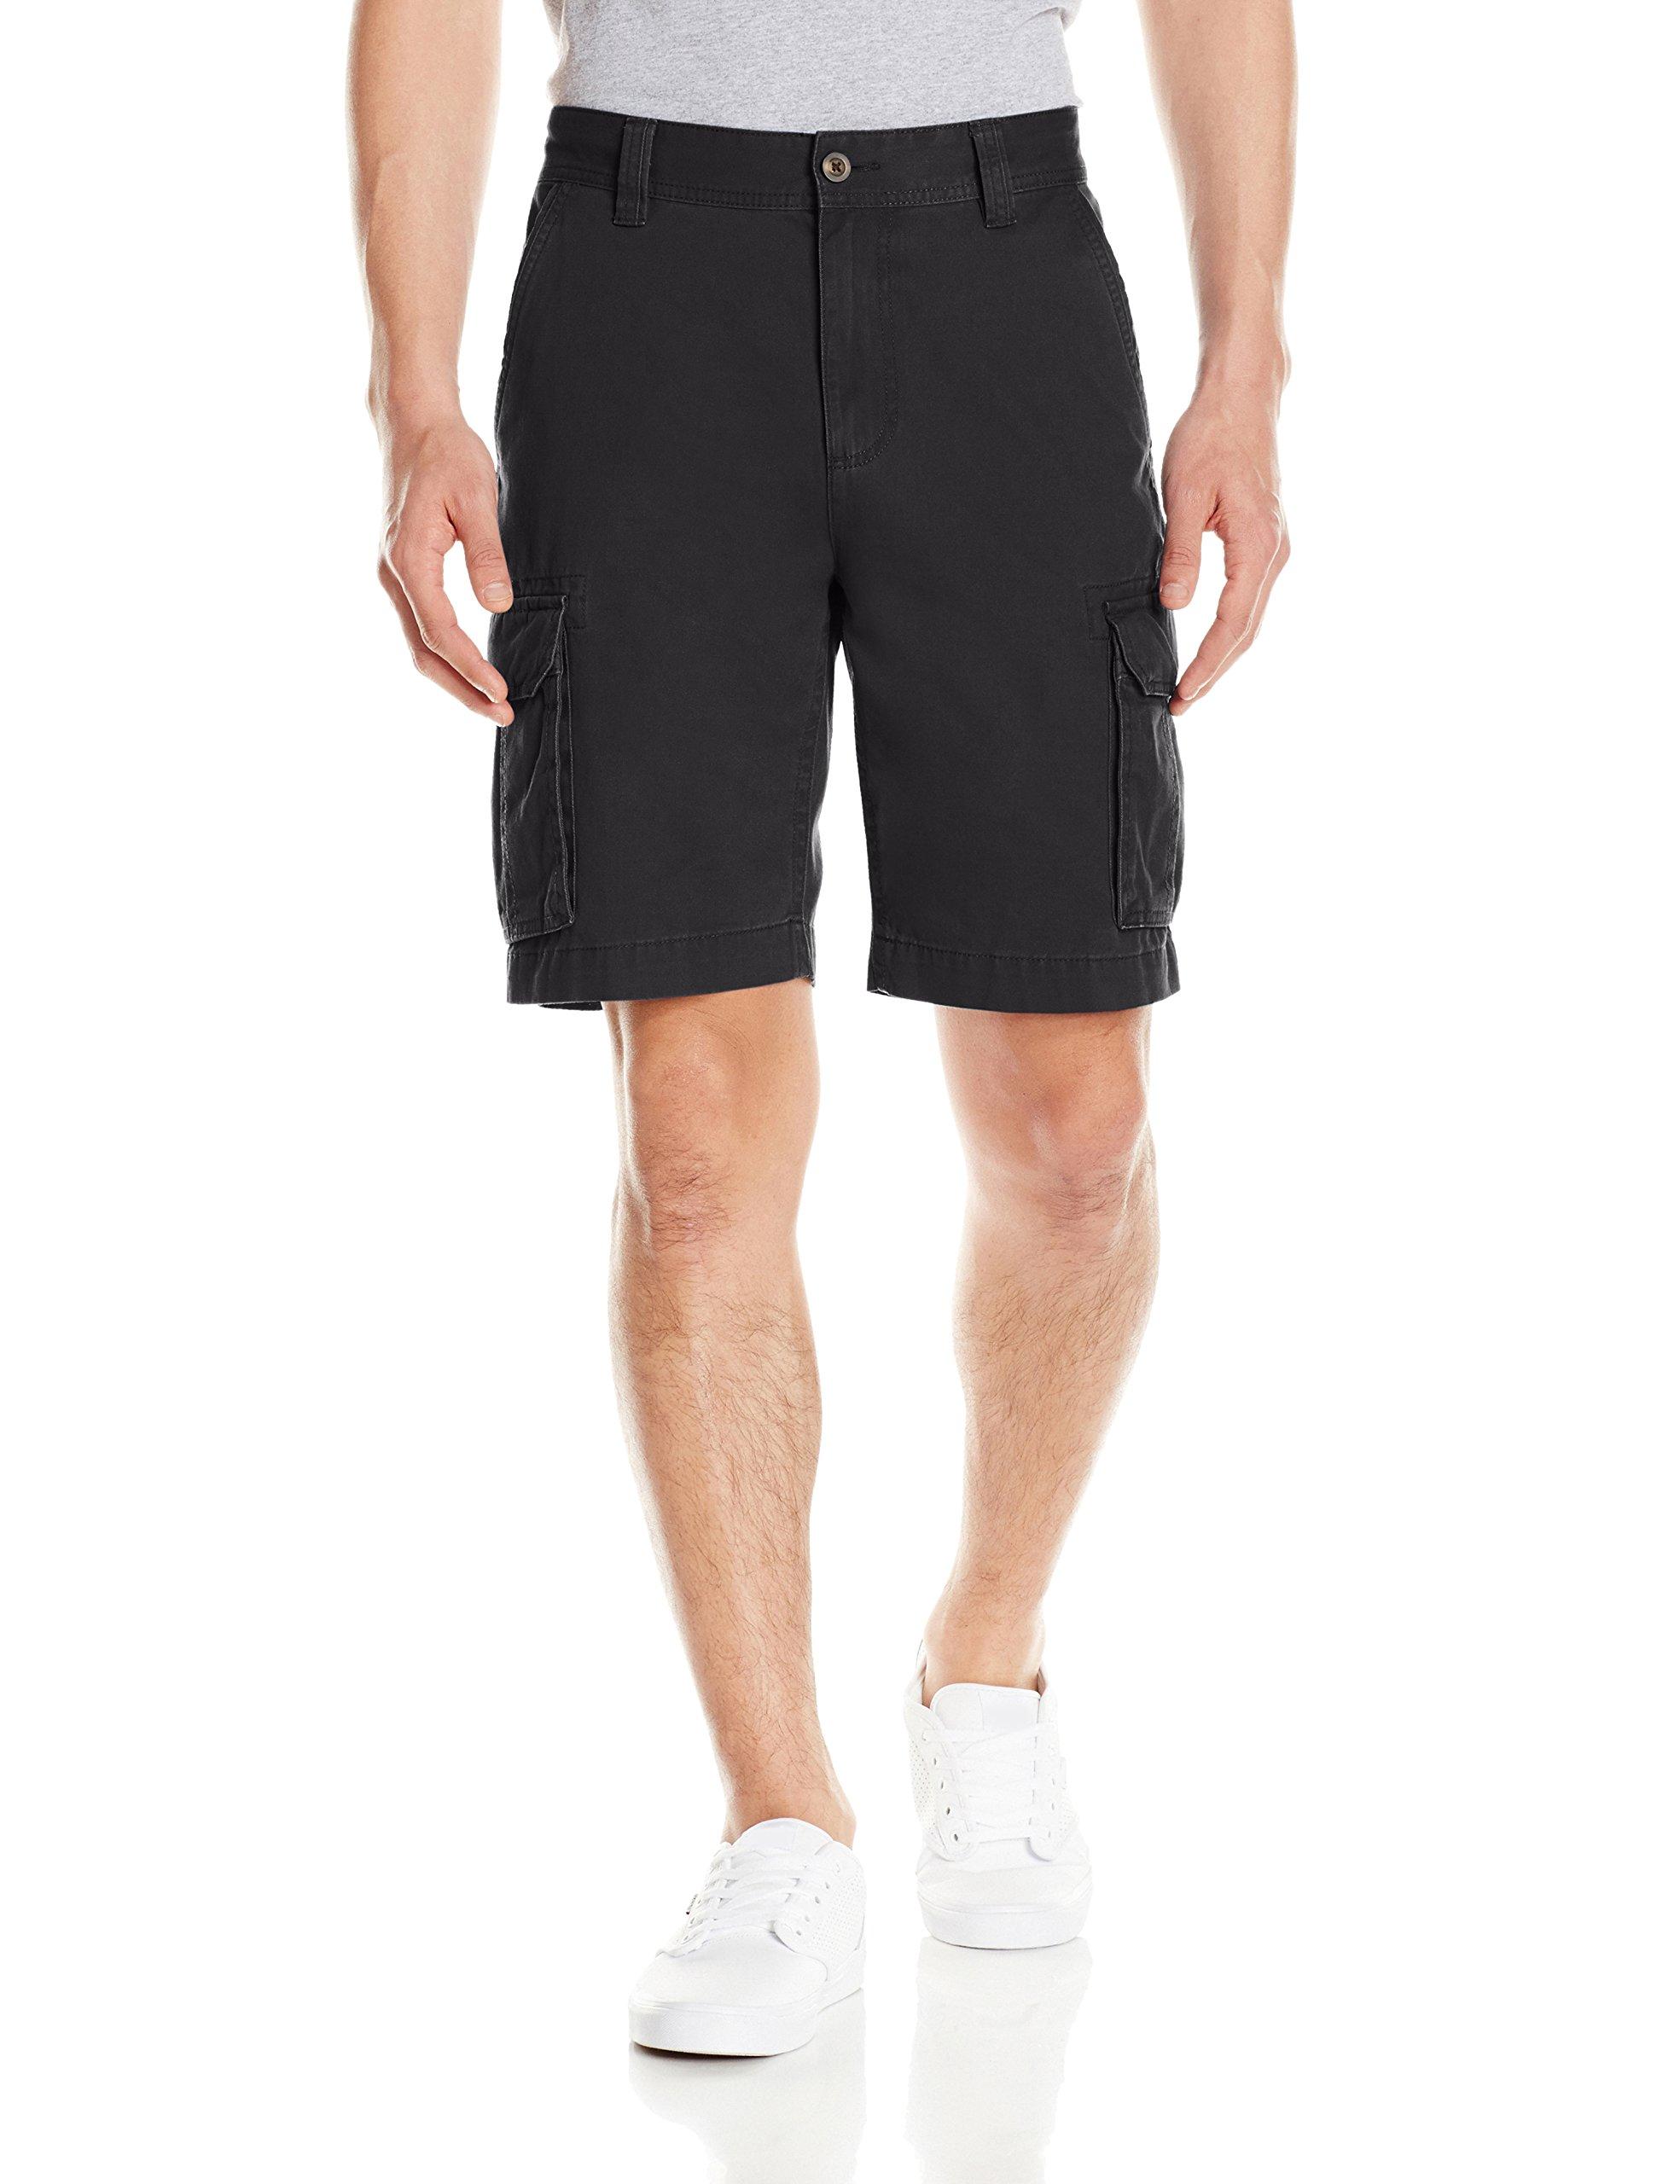 Amazon Essentials Men's Classic-Fit Cargo Short, Black, 44